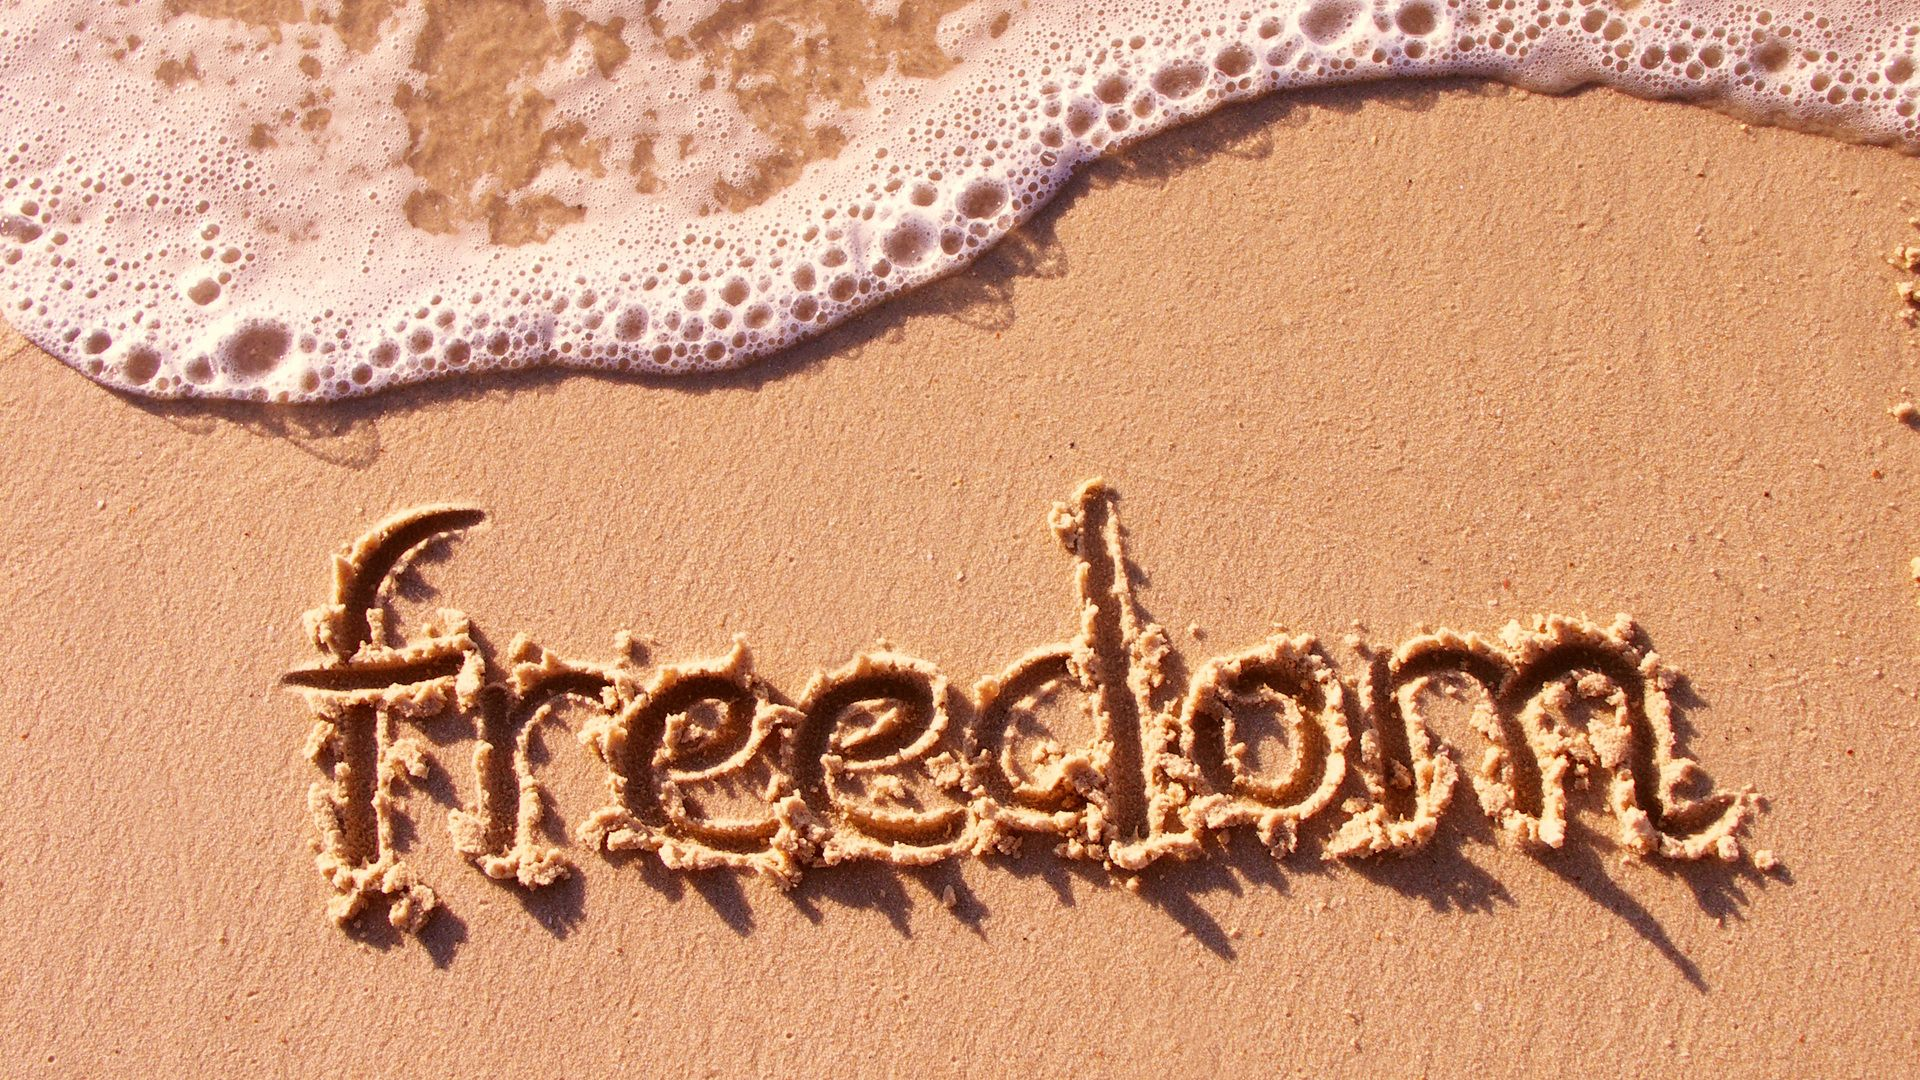 Fond d écran hd freedom Fond d écran Pinterest